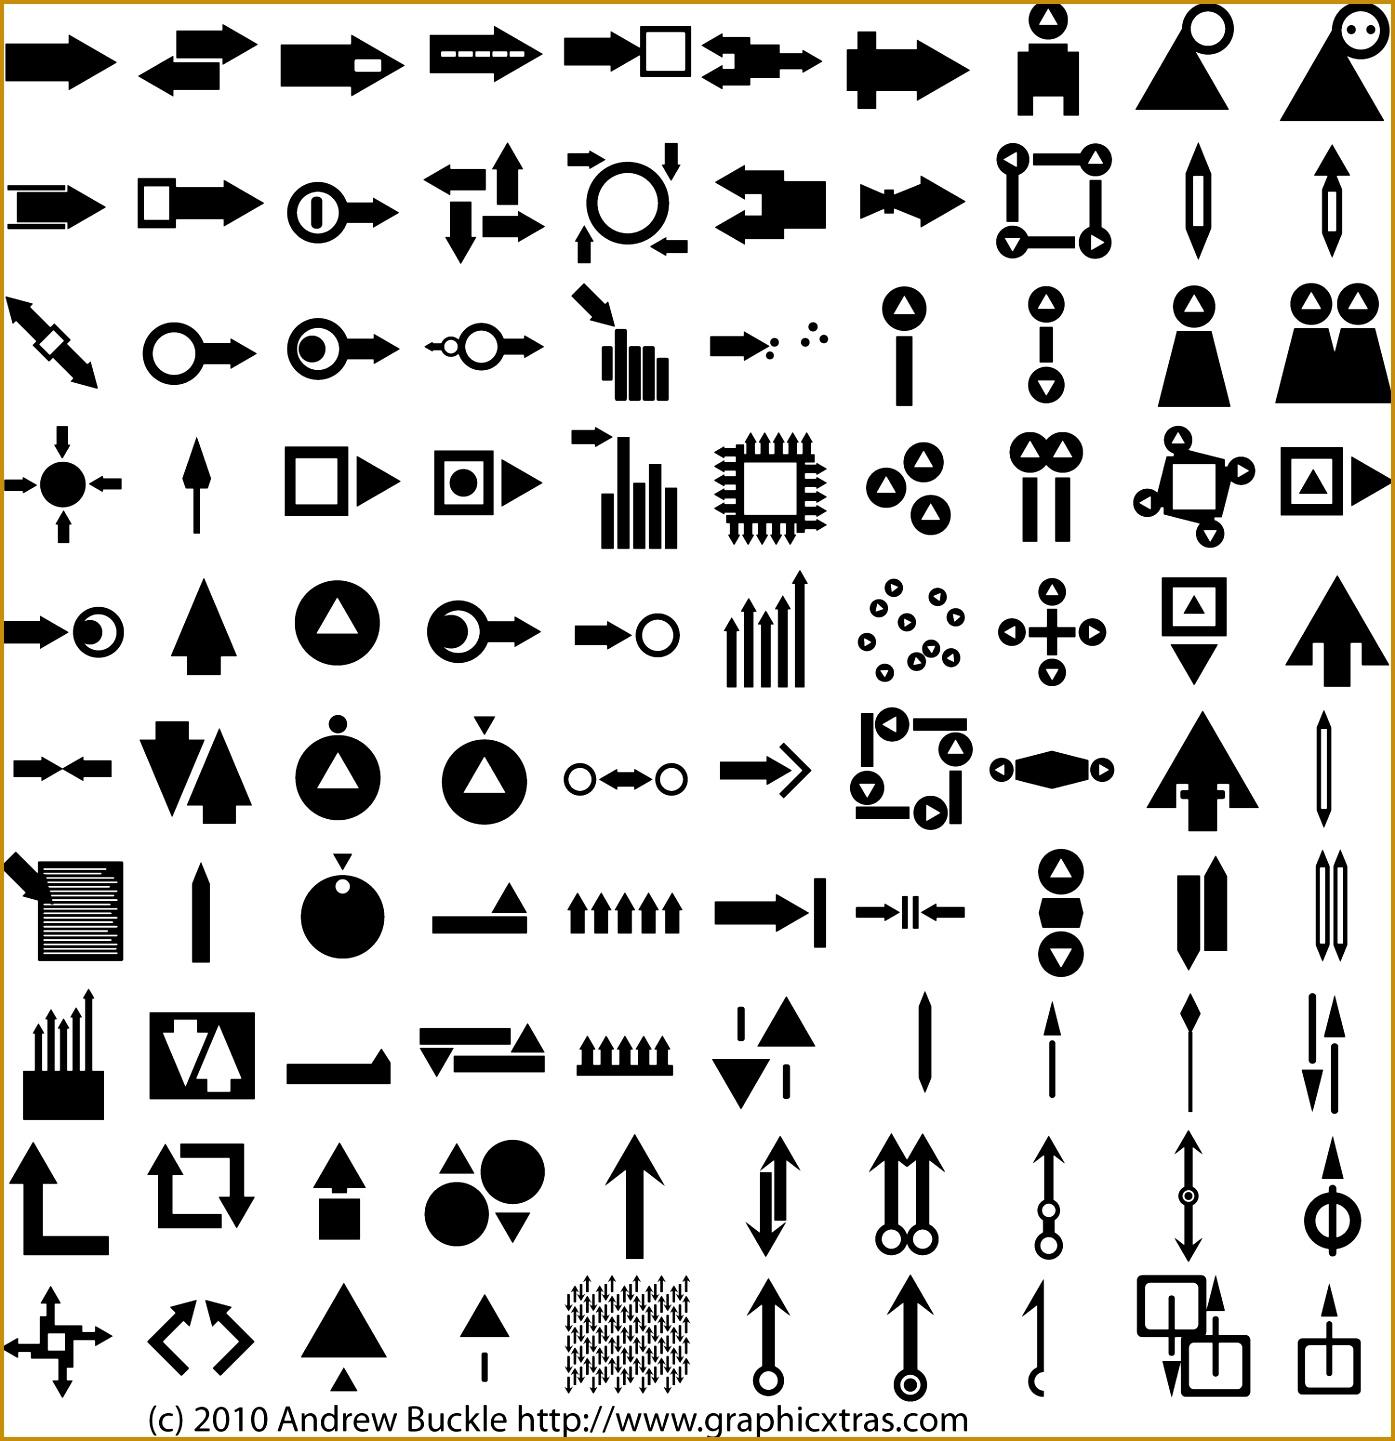 Design Templates Alphabets Cool Alphabet Letters Business List Fonts True Type Designs 108 Arrows Gallery Design 14411395